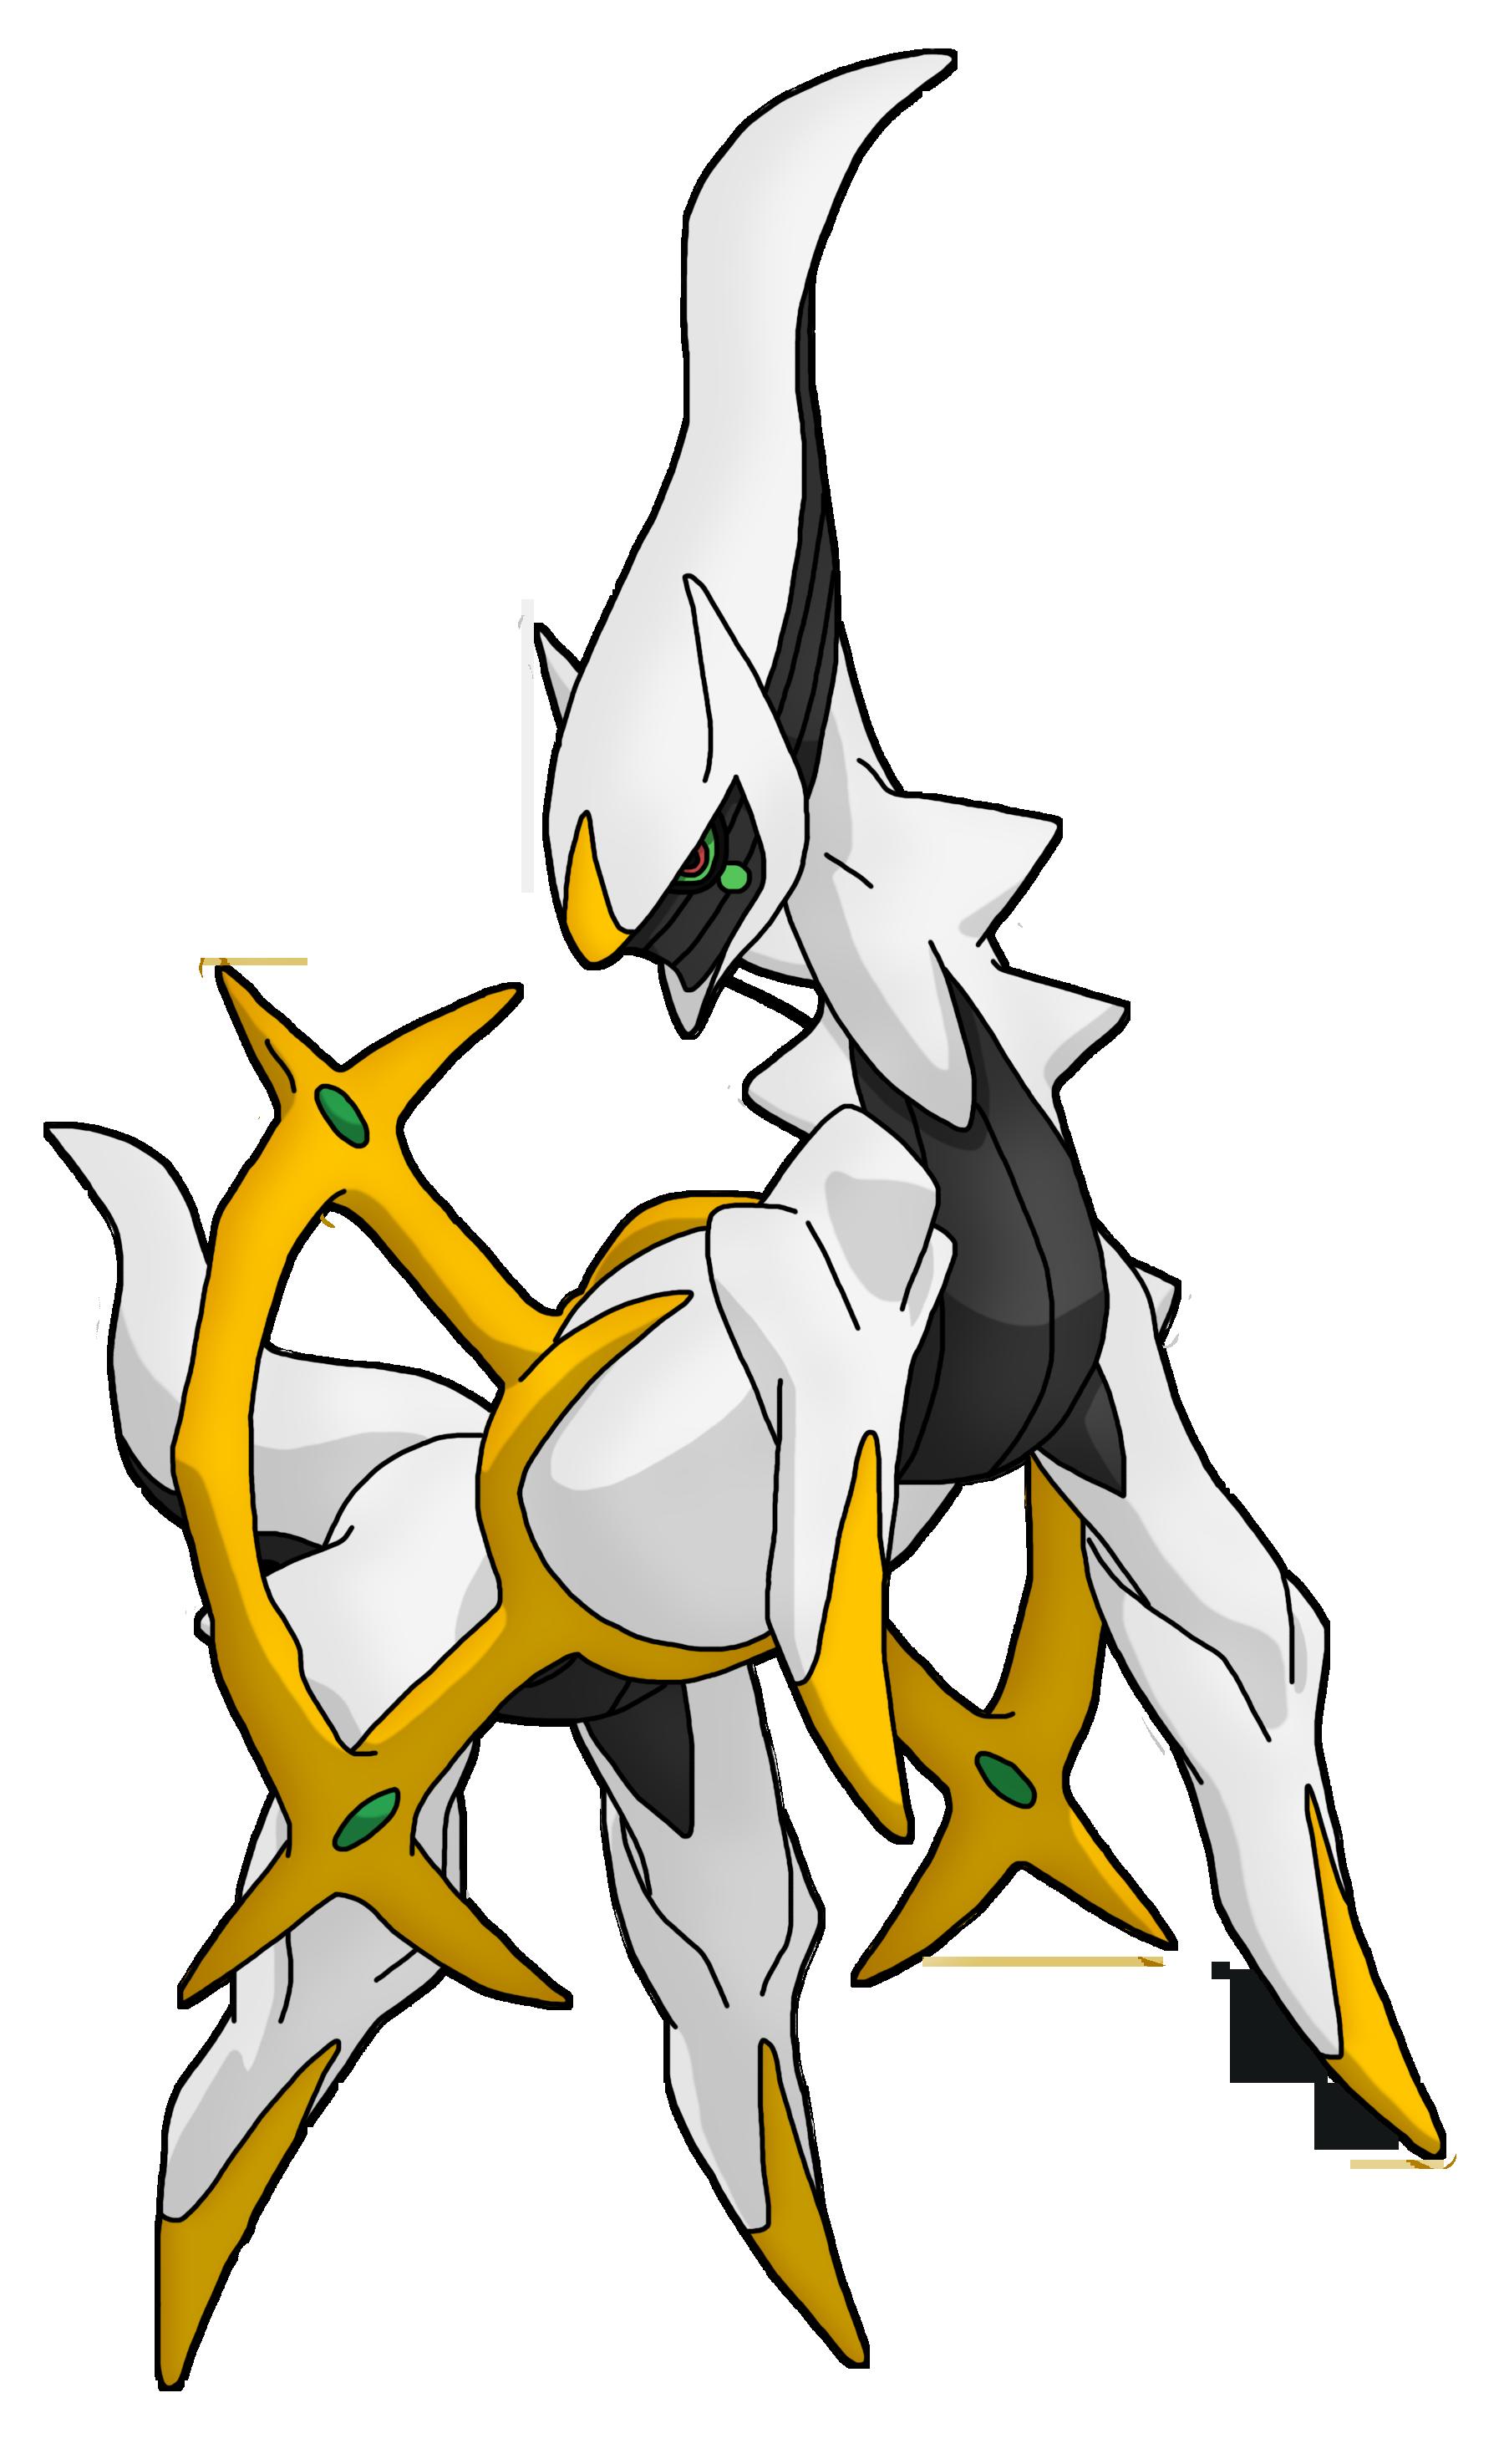 The God Pokemon, Arceus | Pokemon, Pokemon rayquaza, Deadpool pikachu